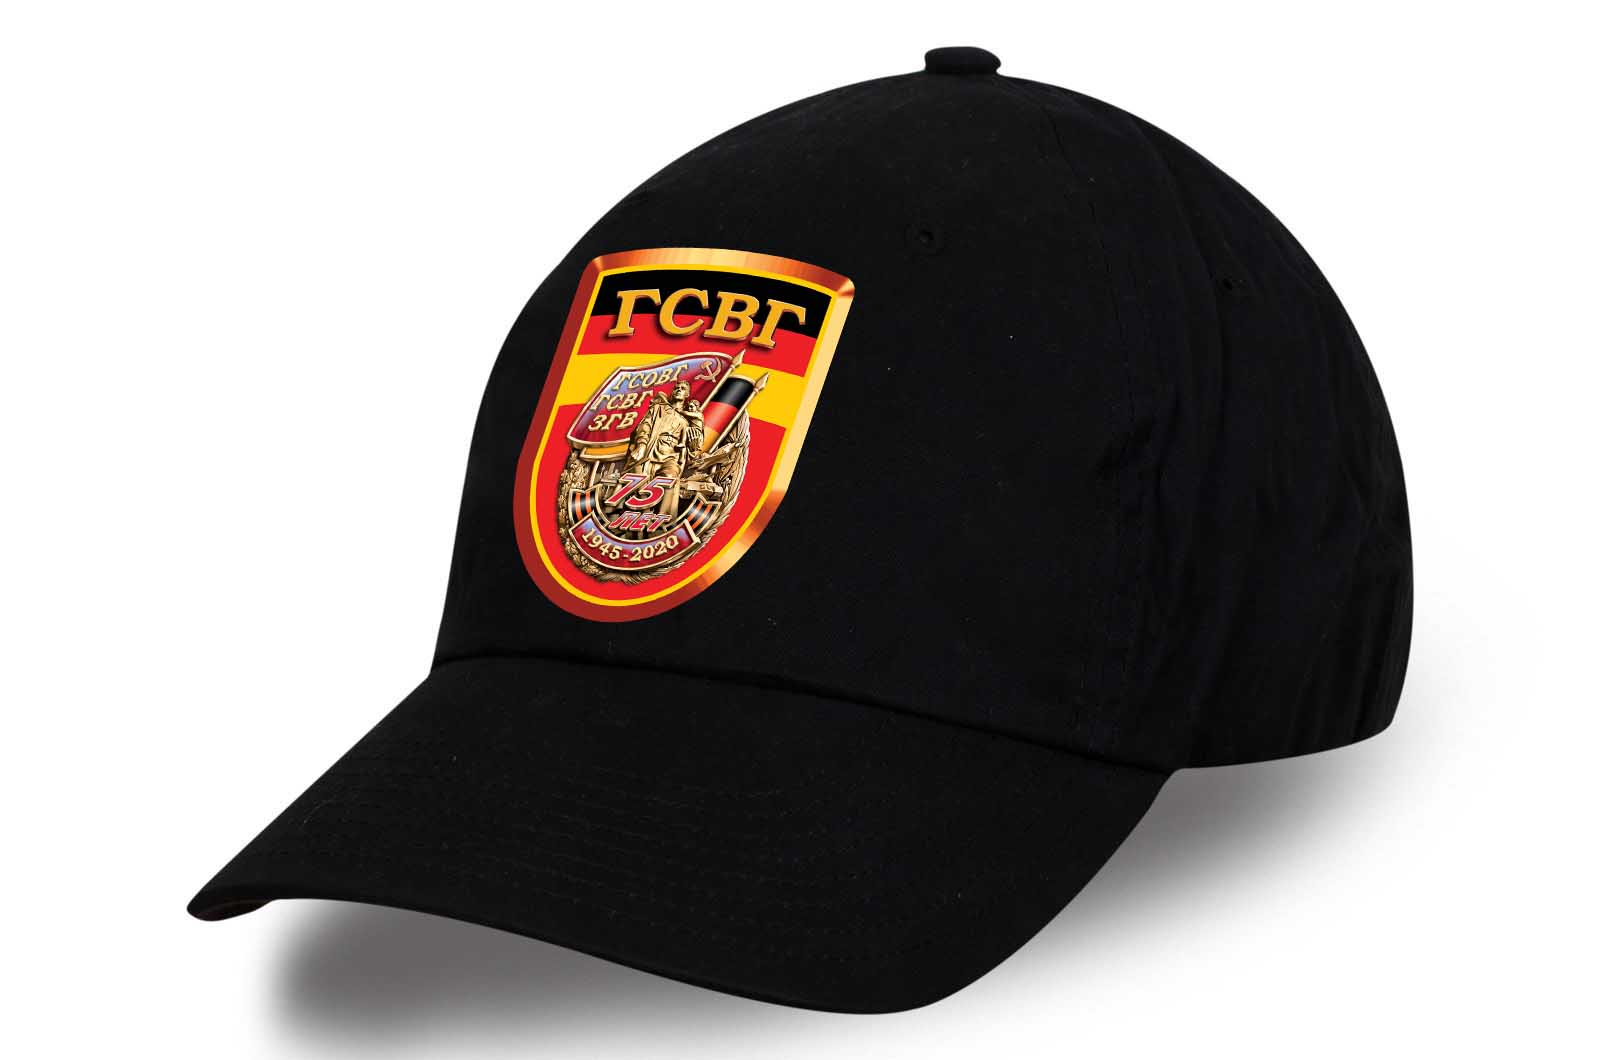 Удобная кепка с тематической термонаклейкой ГСВГ